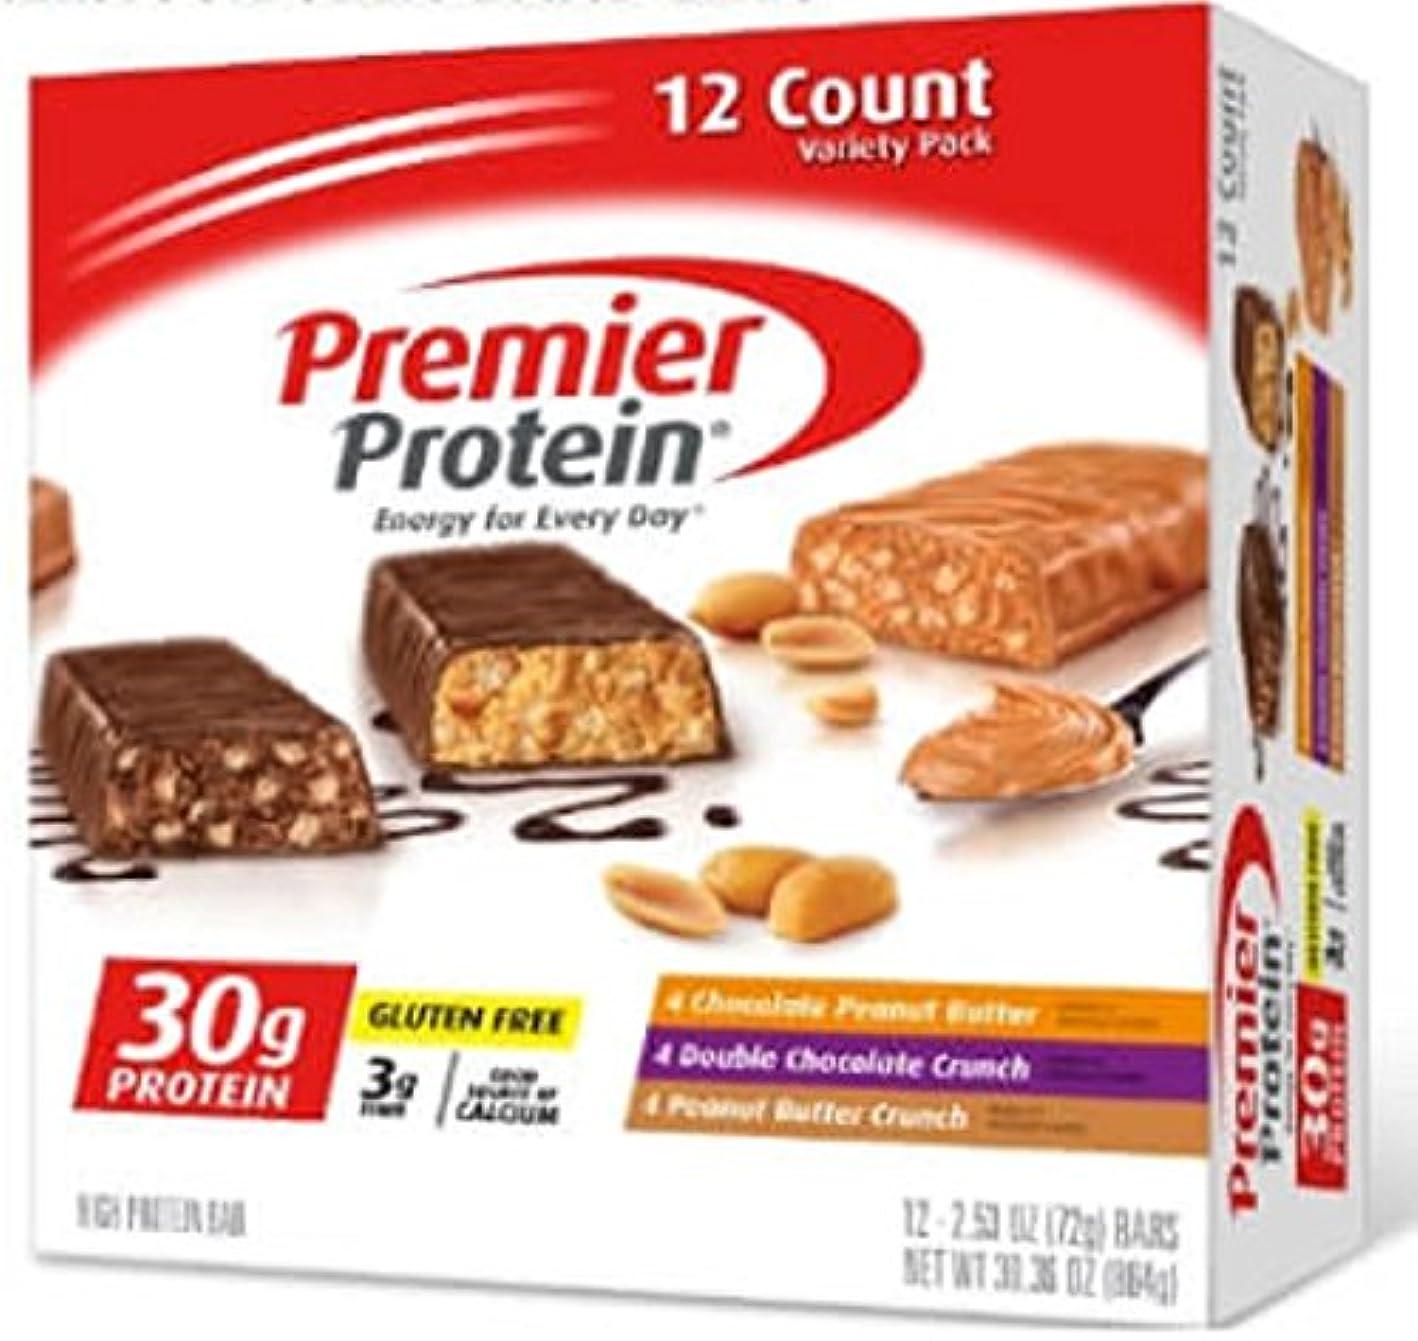 要塞海岸不要【2箱セット】Premier Protein プレミア プロテイン プロテインバー バラエティパック(72g x 12本入り x 2箱)